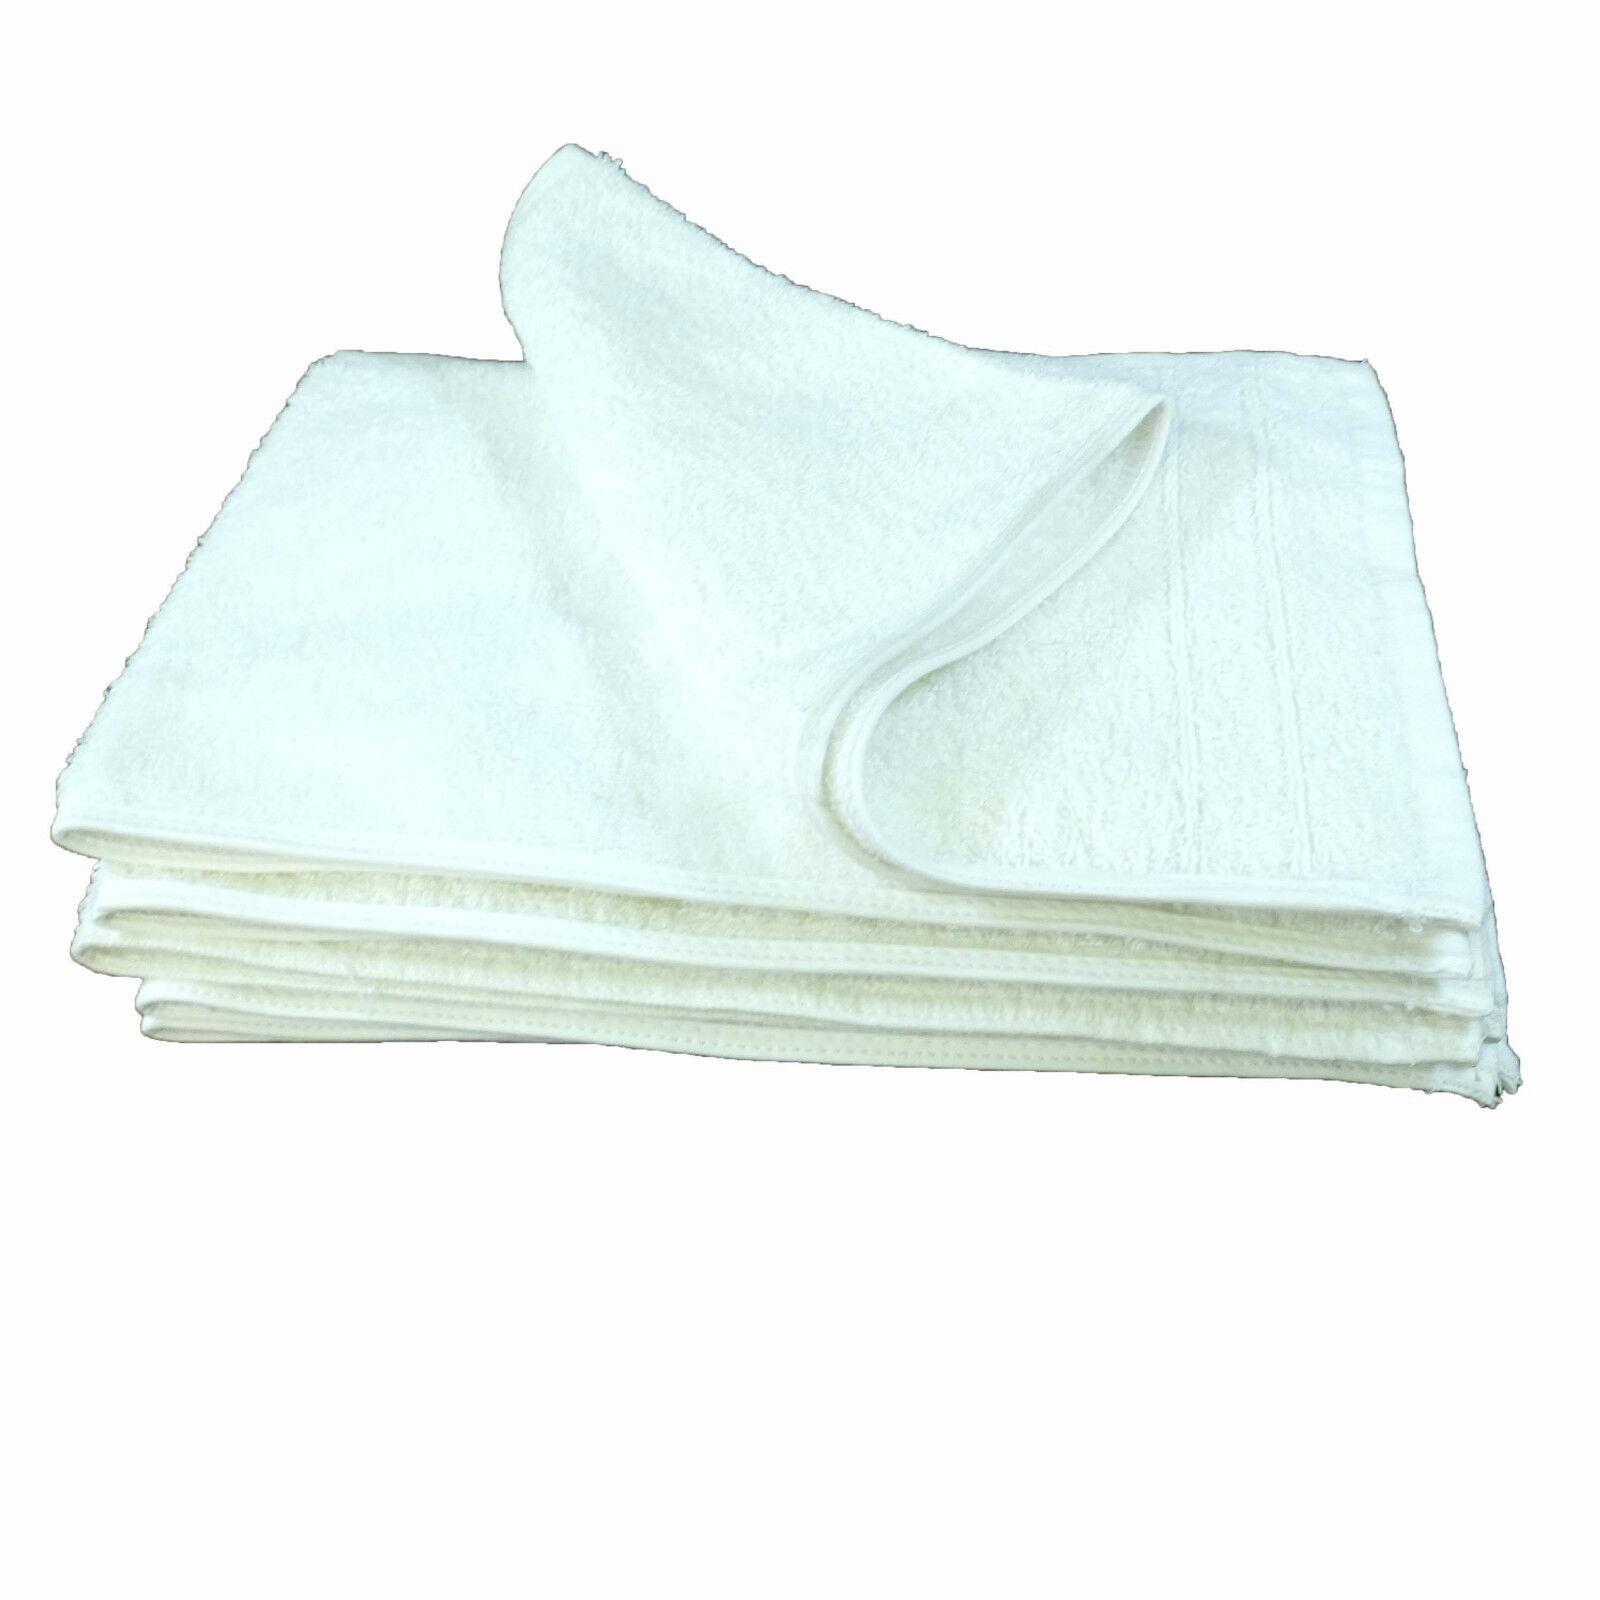 Salone Di Bellezza Trattamento asciugamani... 100% COTONE... ideale per l'utilizzo in un asciugamano a vapore